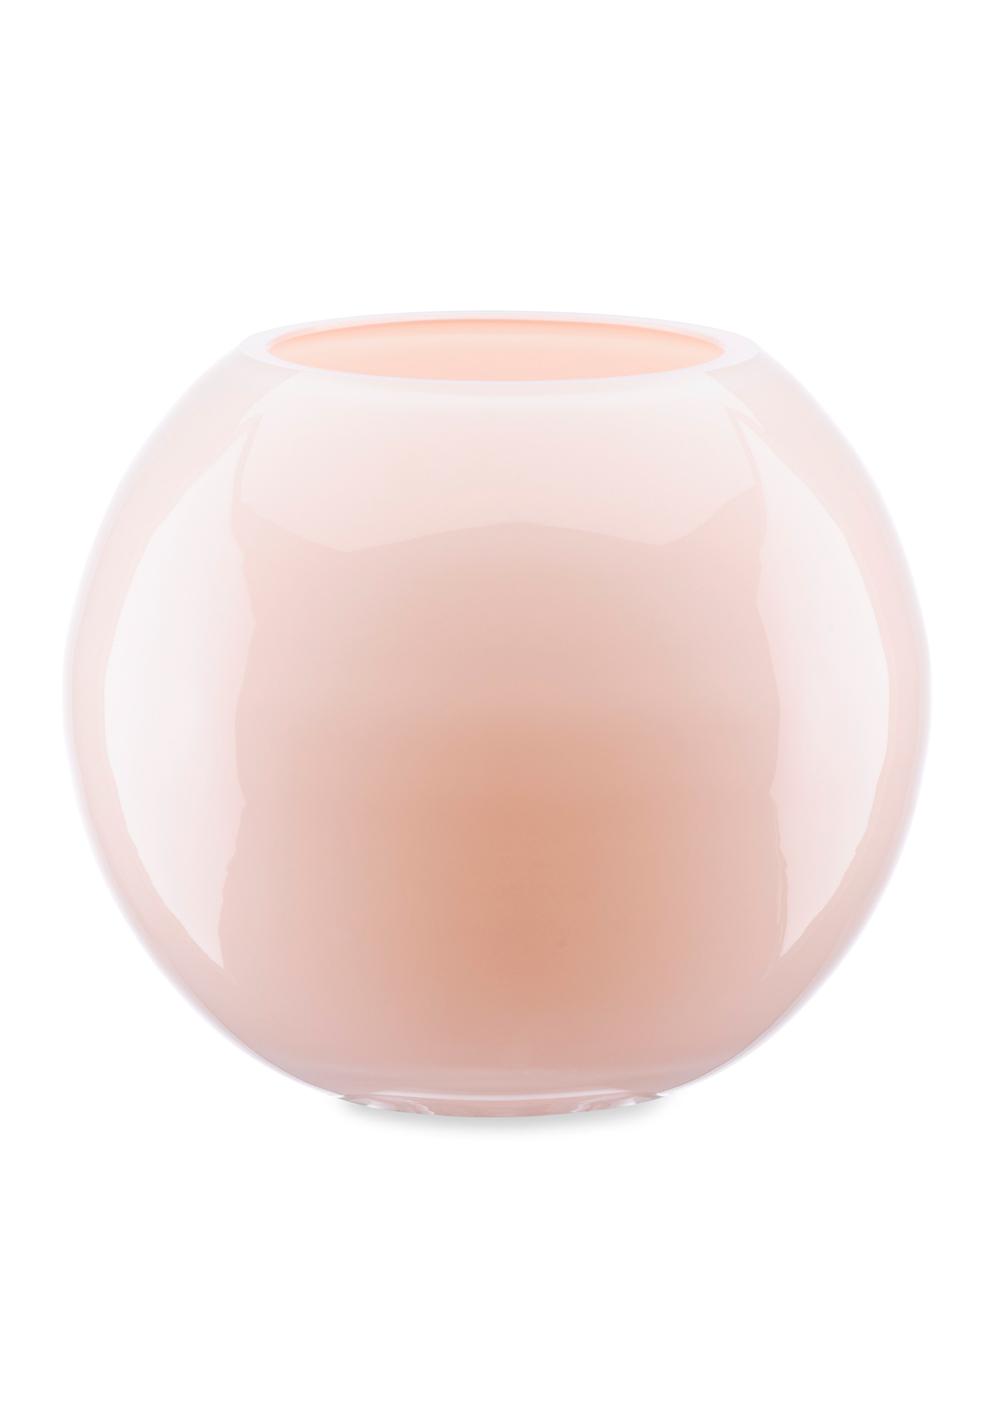 7600212_L847704_A_680 Kate Spade pink rosebowl.jpg